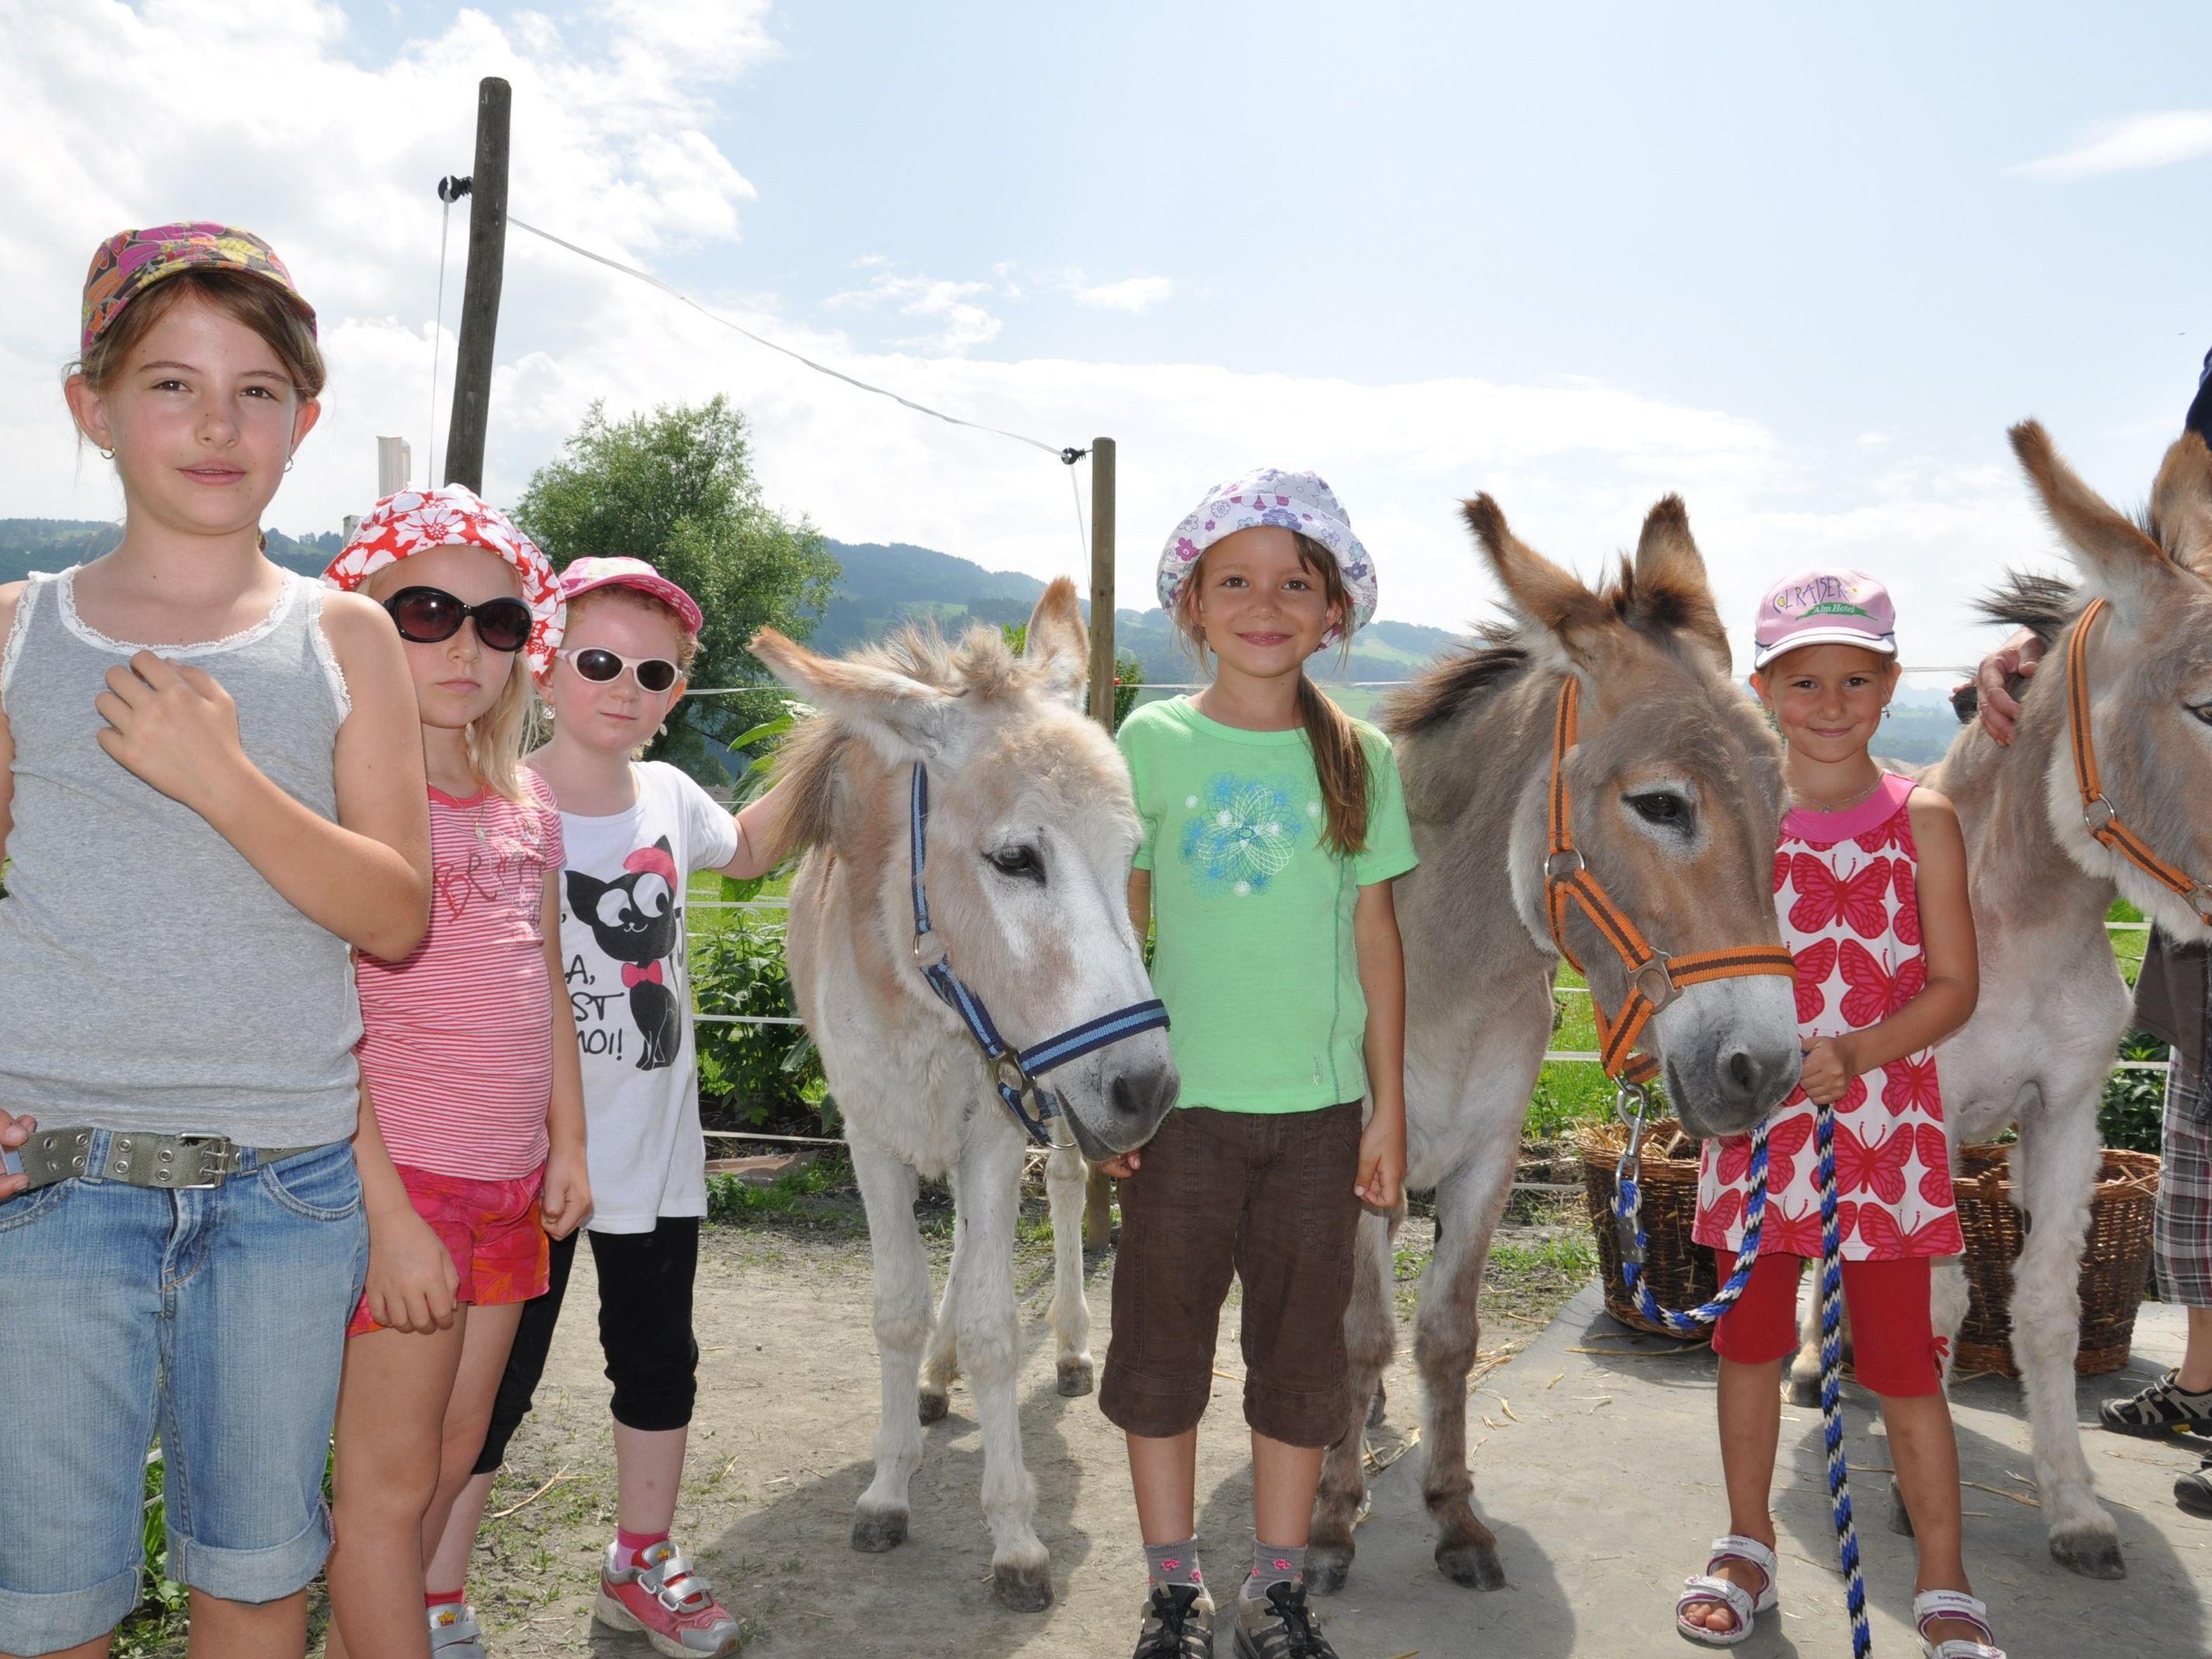 DIe erste Klasse und Vorschule der Volksschule Gaißau machte eine Exkursion zu Renate Burdas Eseldamen.